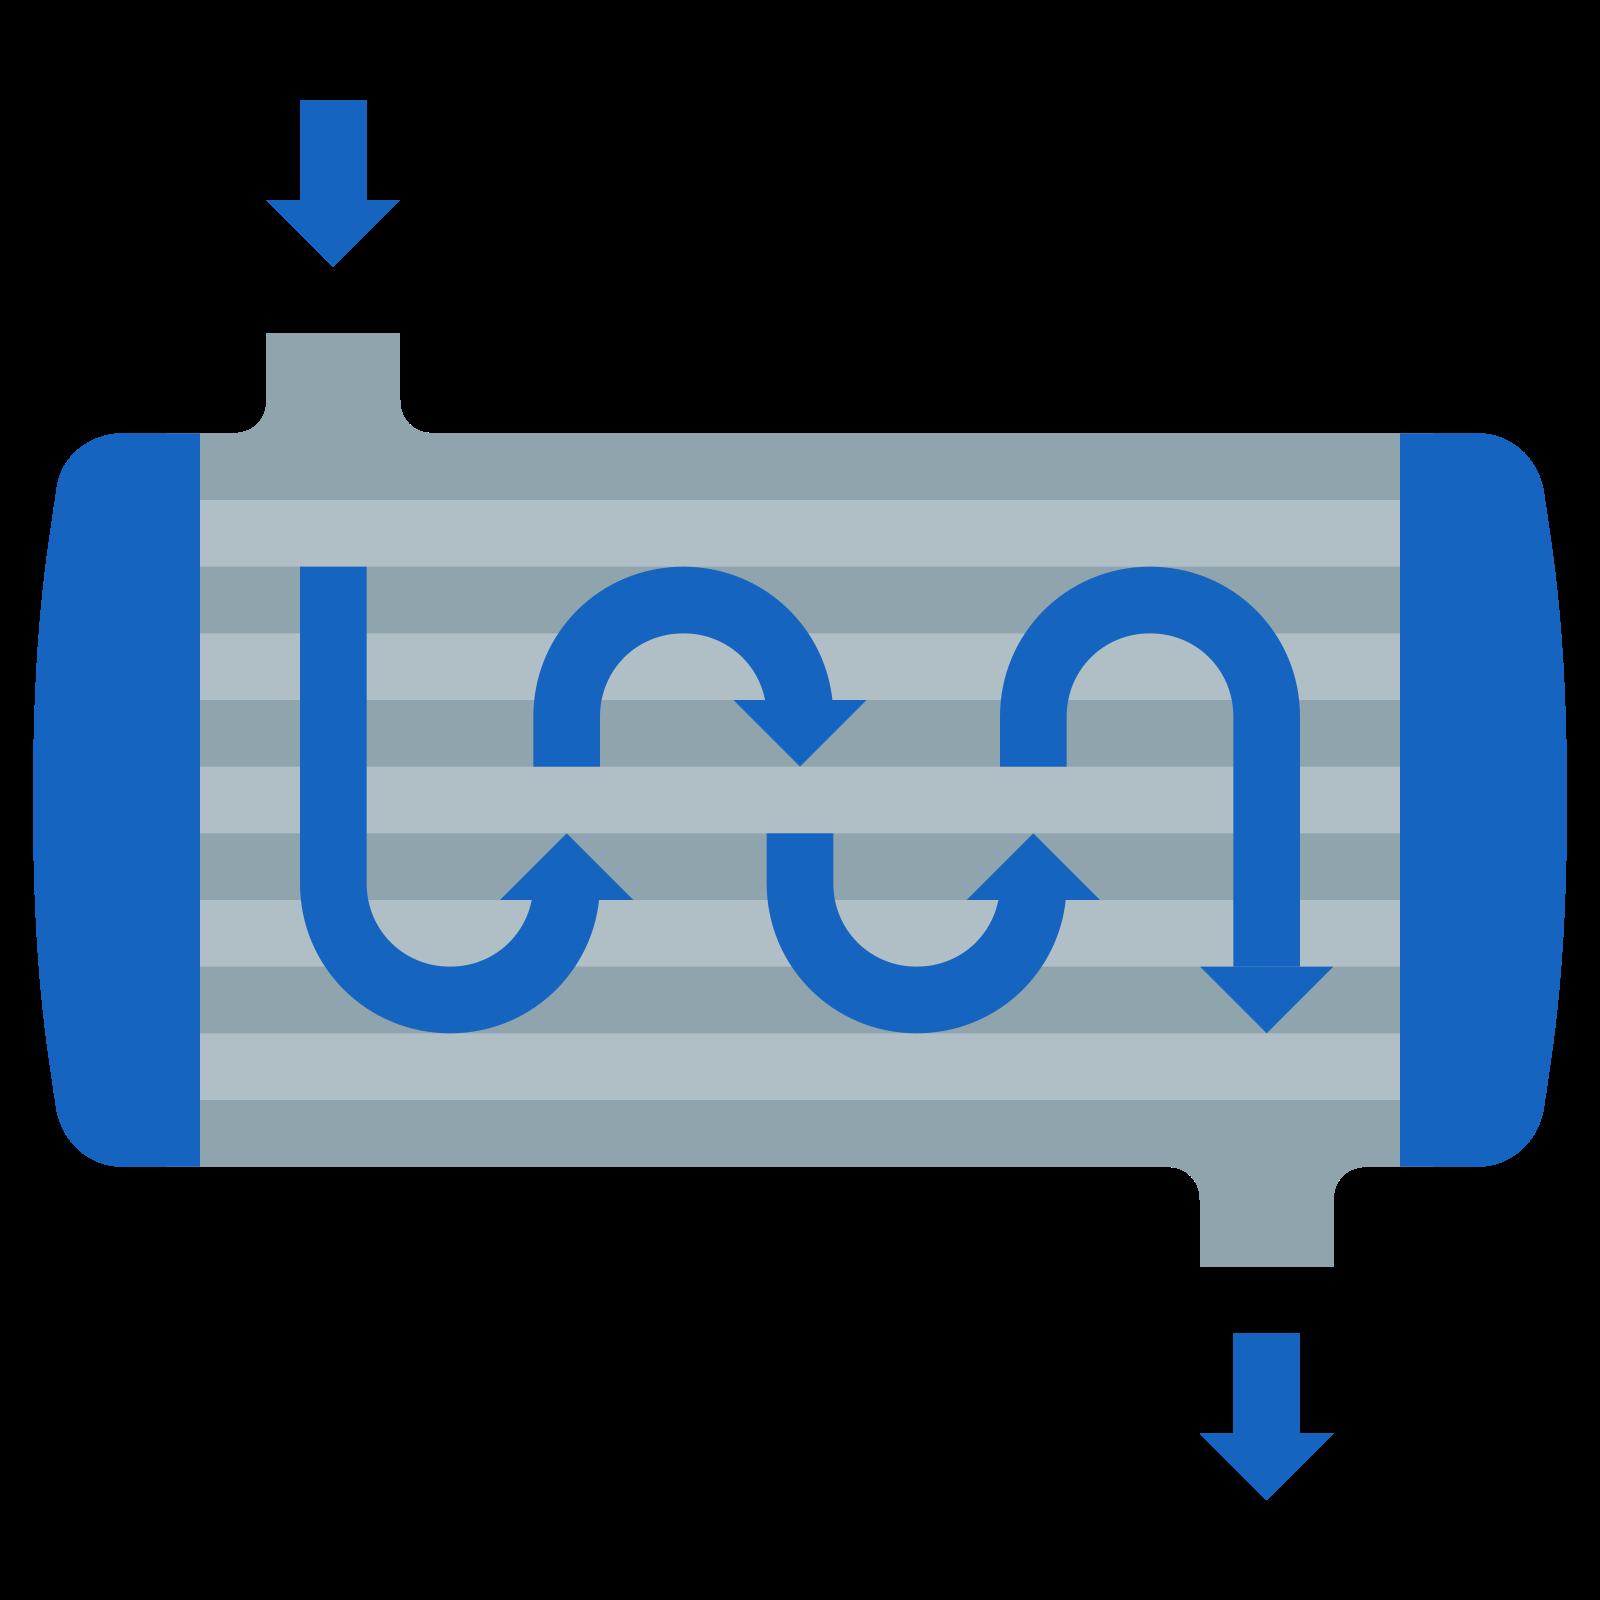 Иконка теплообменник госты теплообменник спиральный